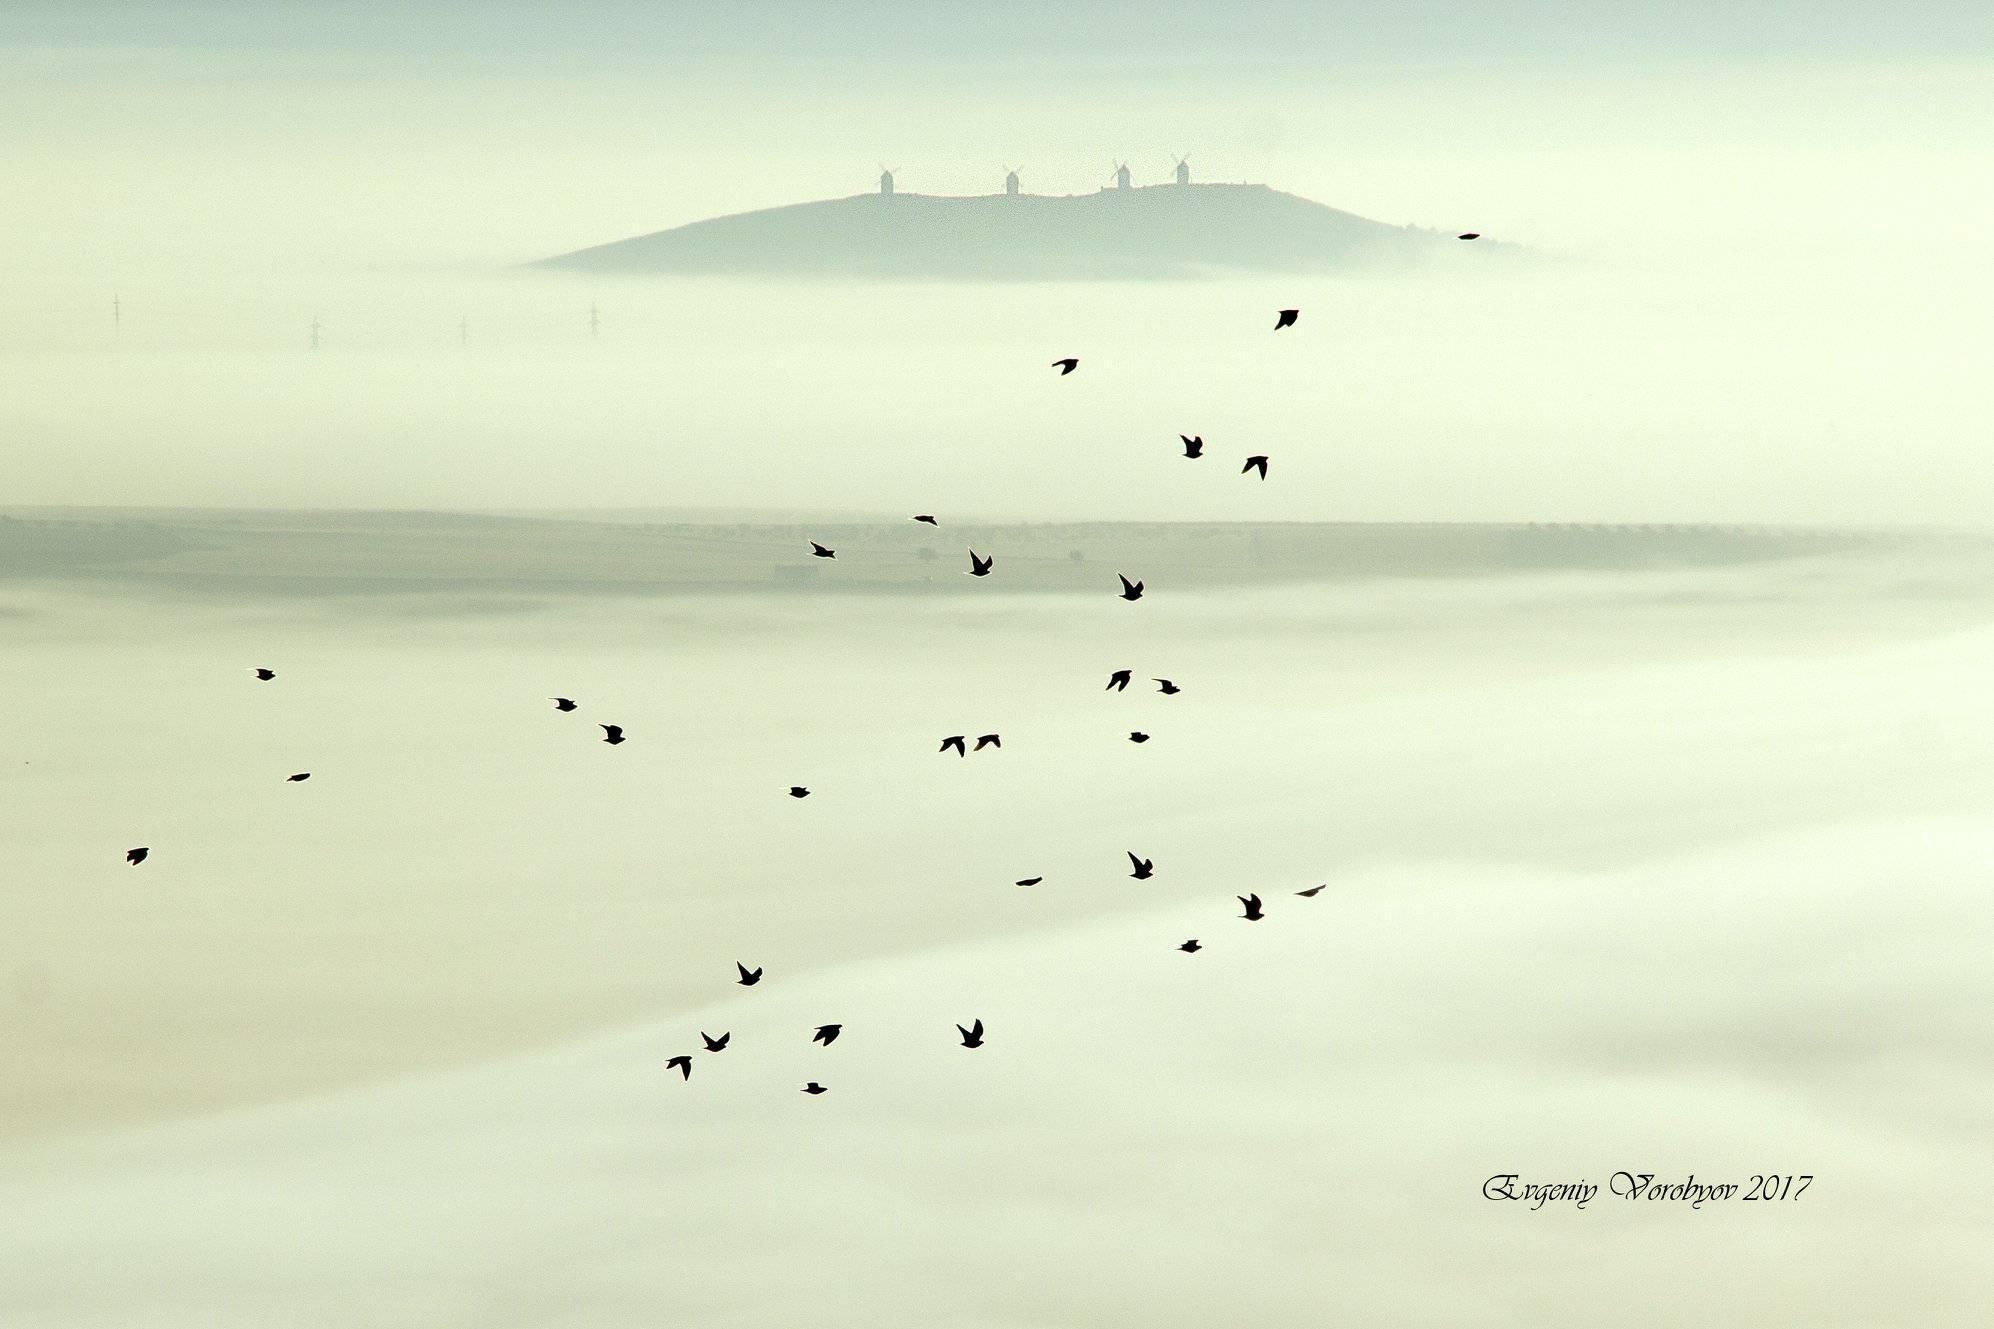 Fotografía de Paisajes de la Mancha de Evheniy Vorobyov